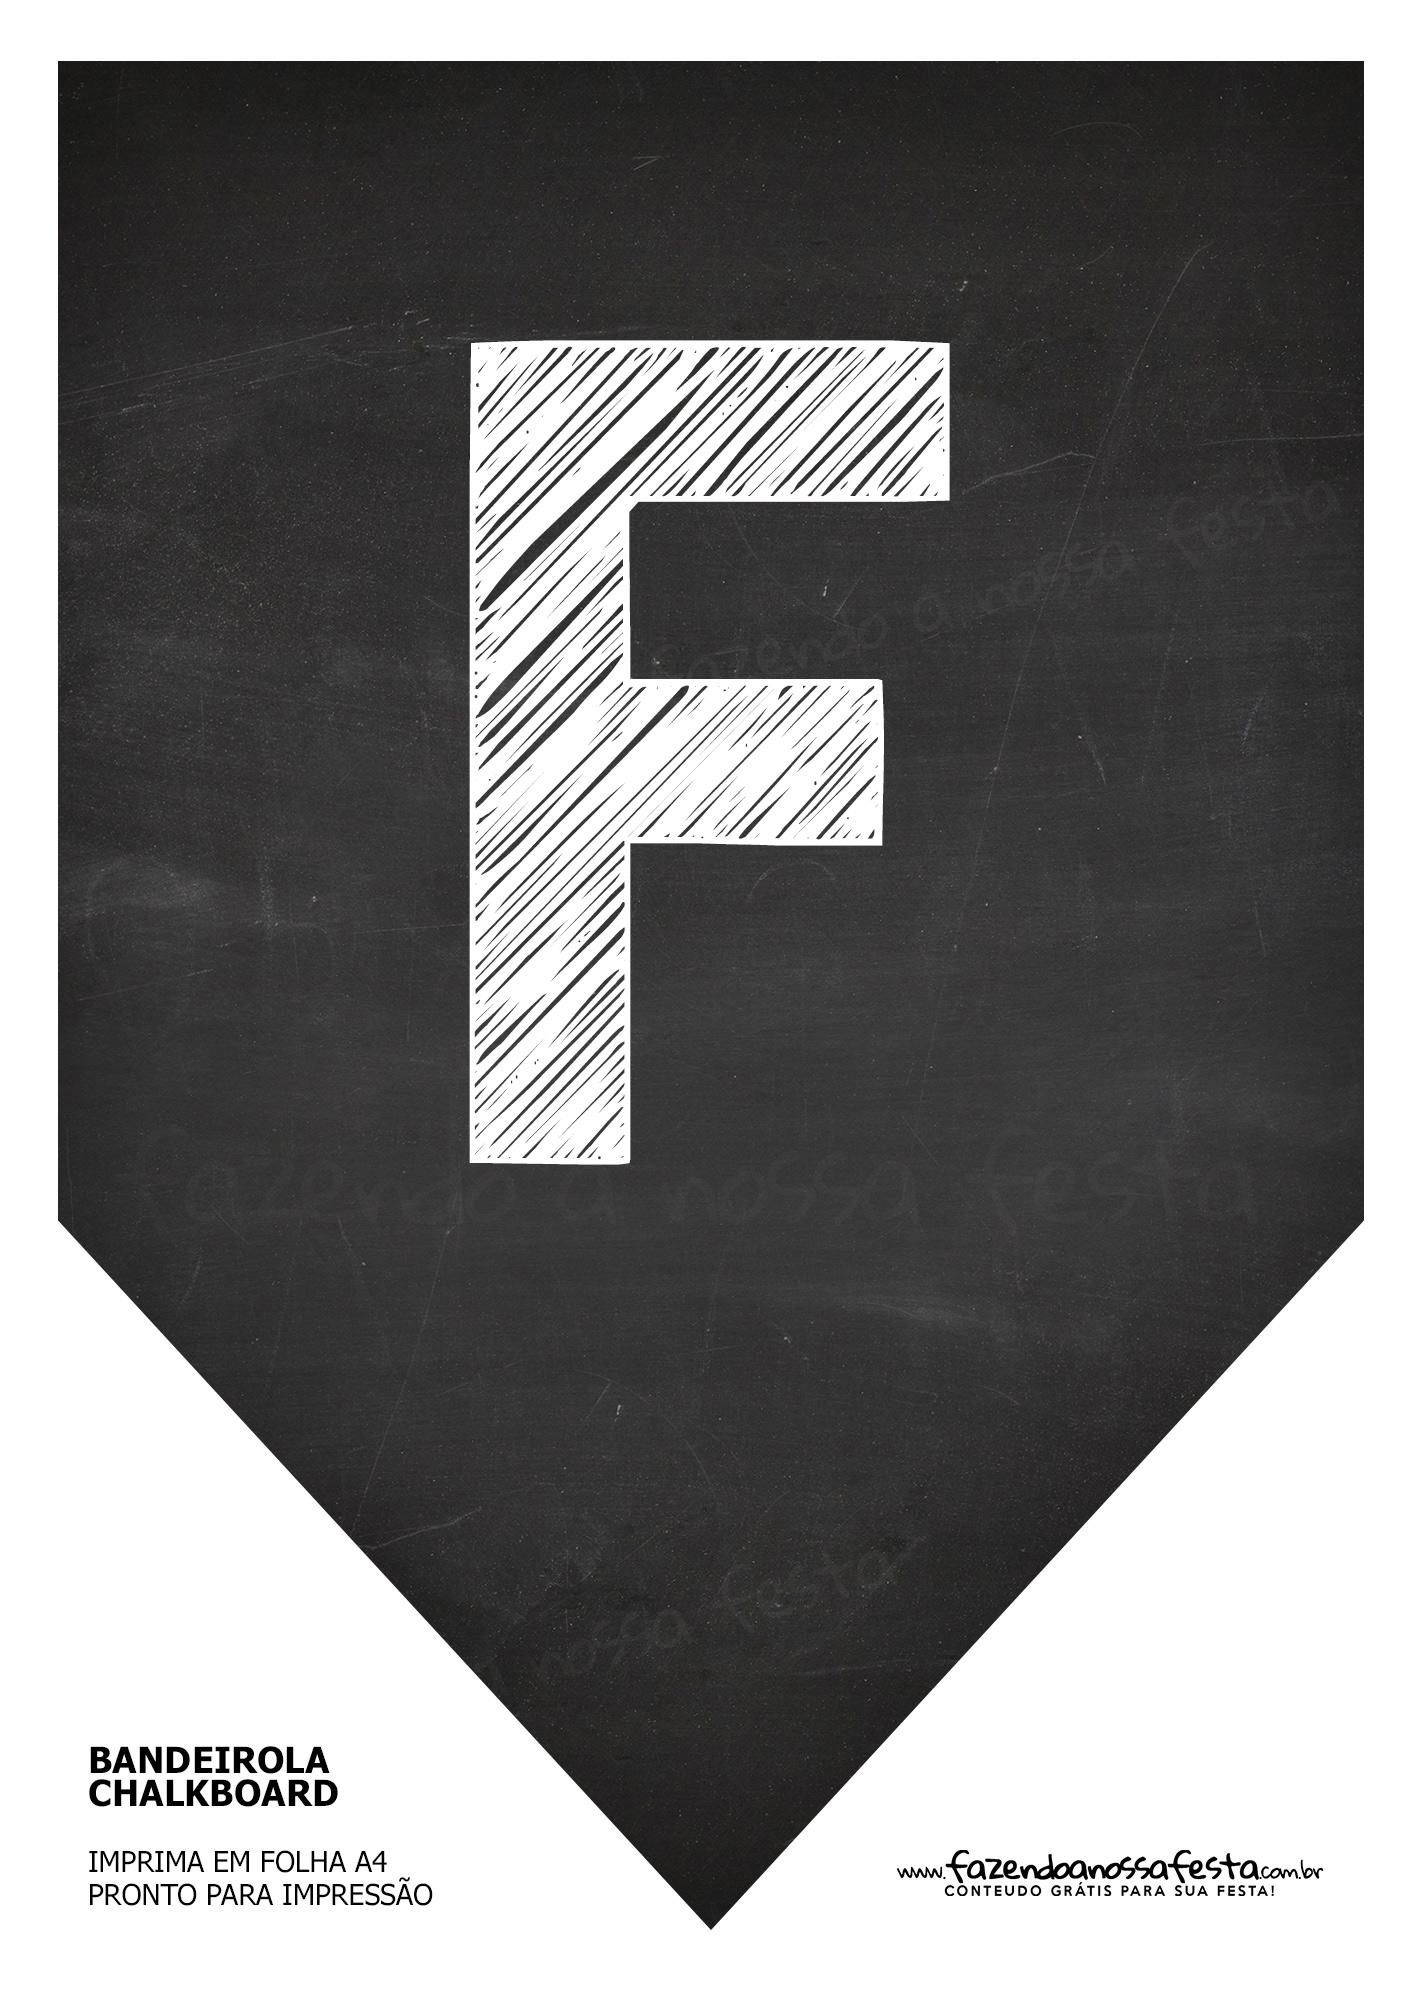 Bandeirola Chalkboard F